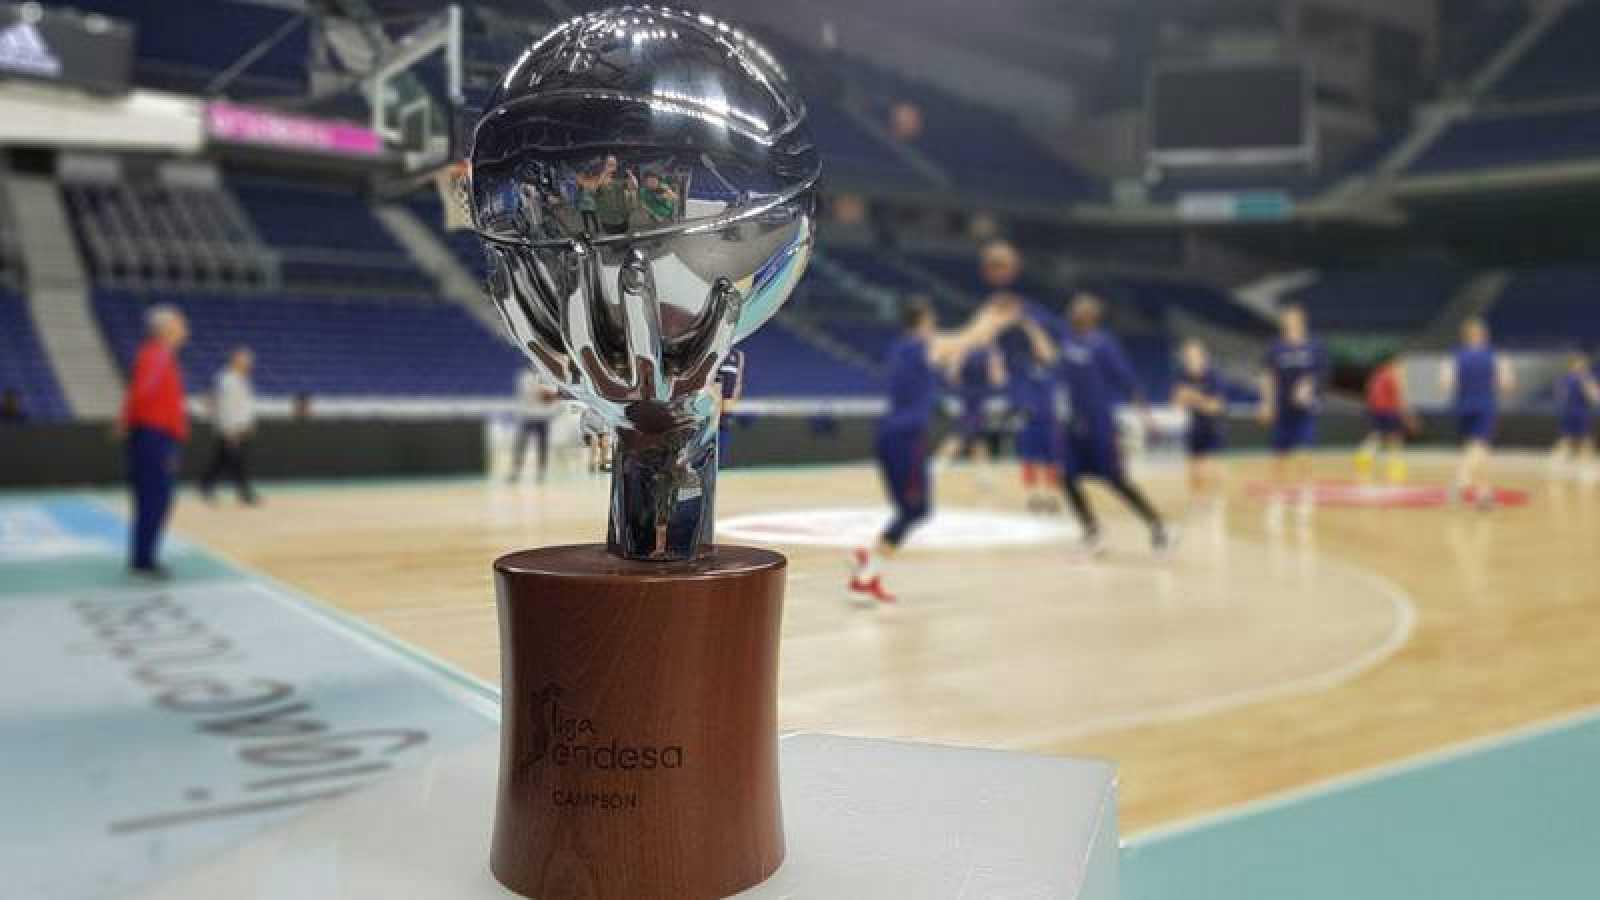 La final Clásica de la ACB resucita la rivalidad entre Madrid y Barcelona